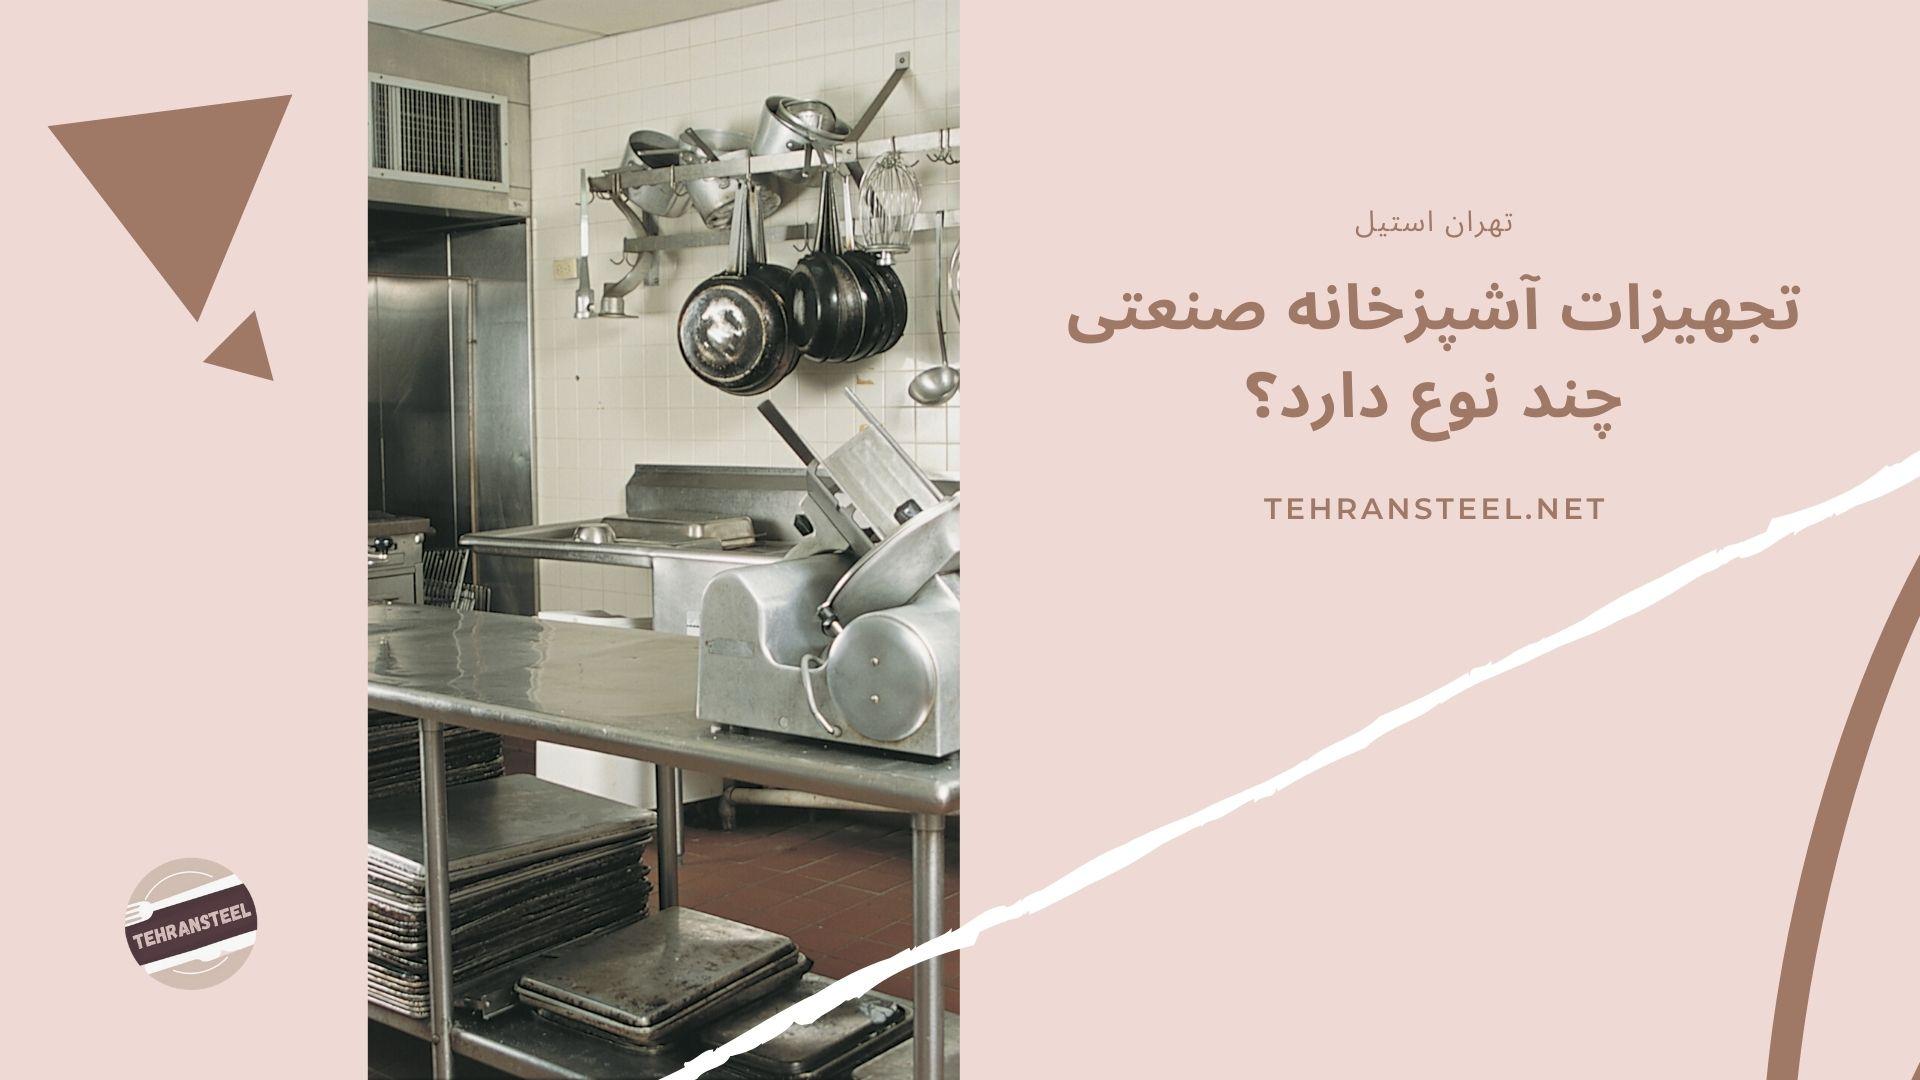 تجهیزات آشپزخانه صنعتی چند نوع دارد؟